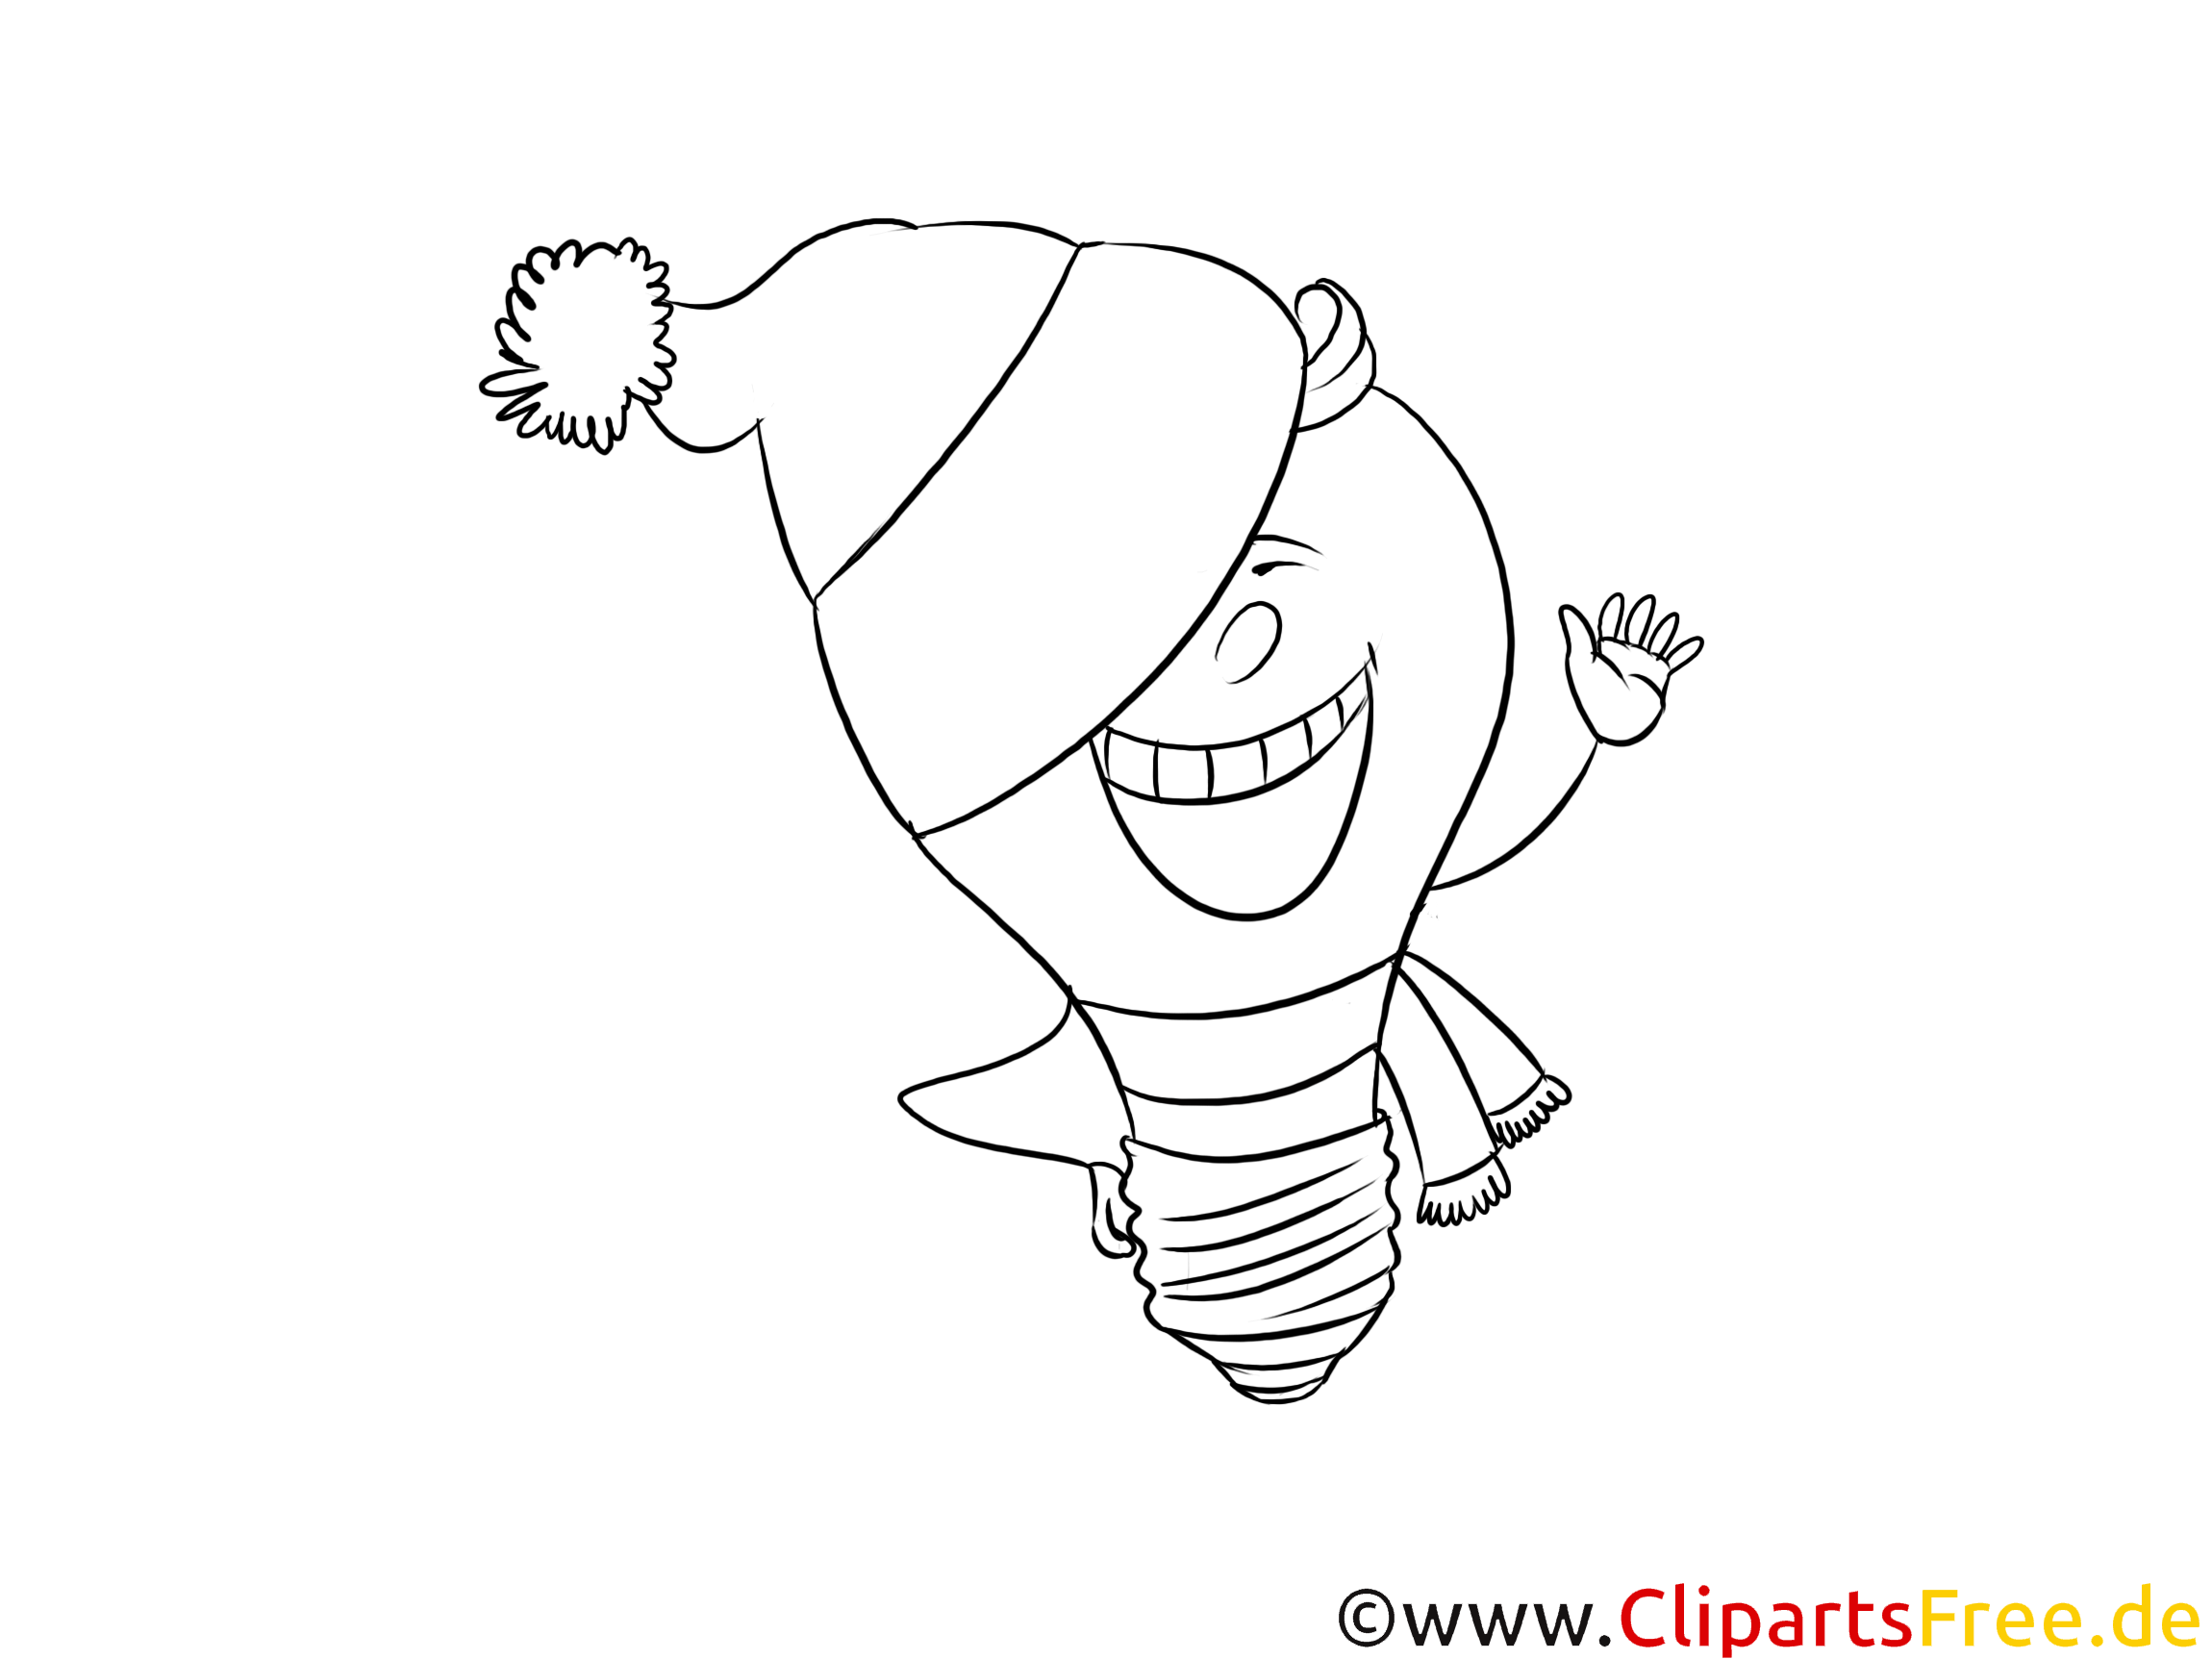 Lachende Comicfigur Glühbirne Clipart, Cartoon, Zeichnung